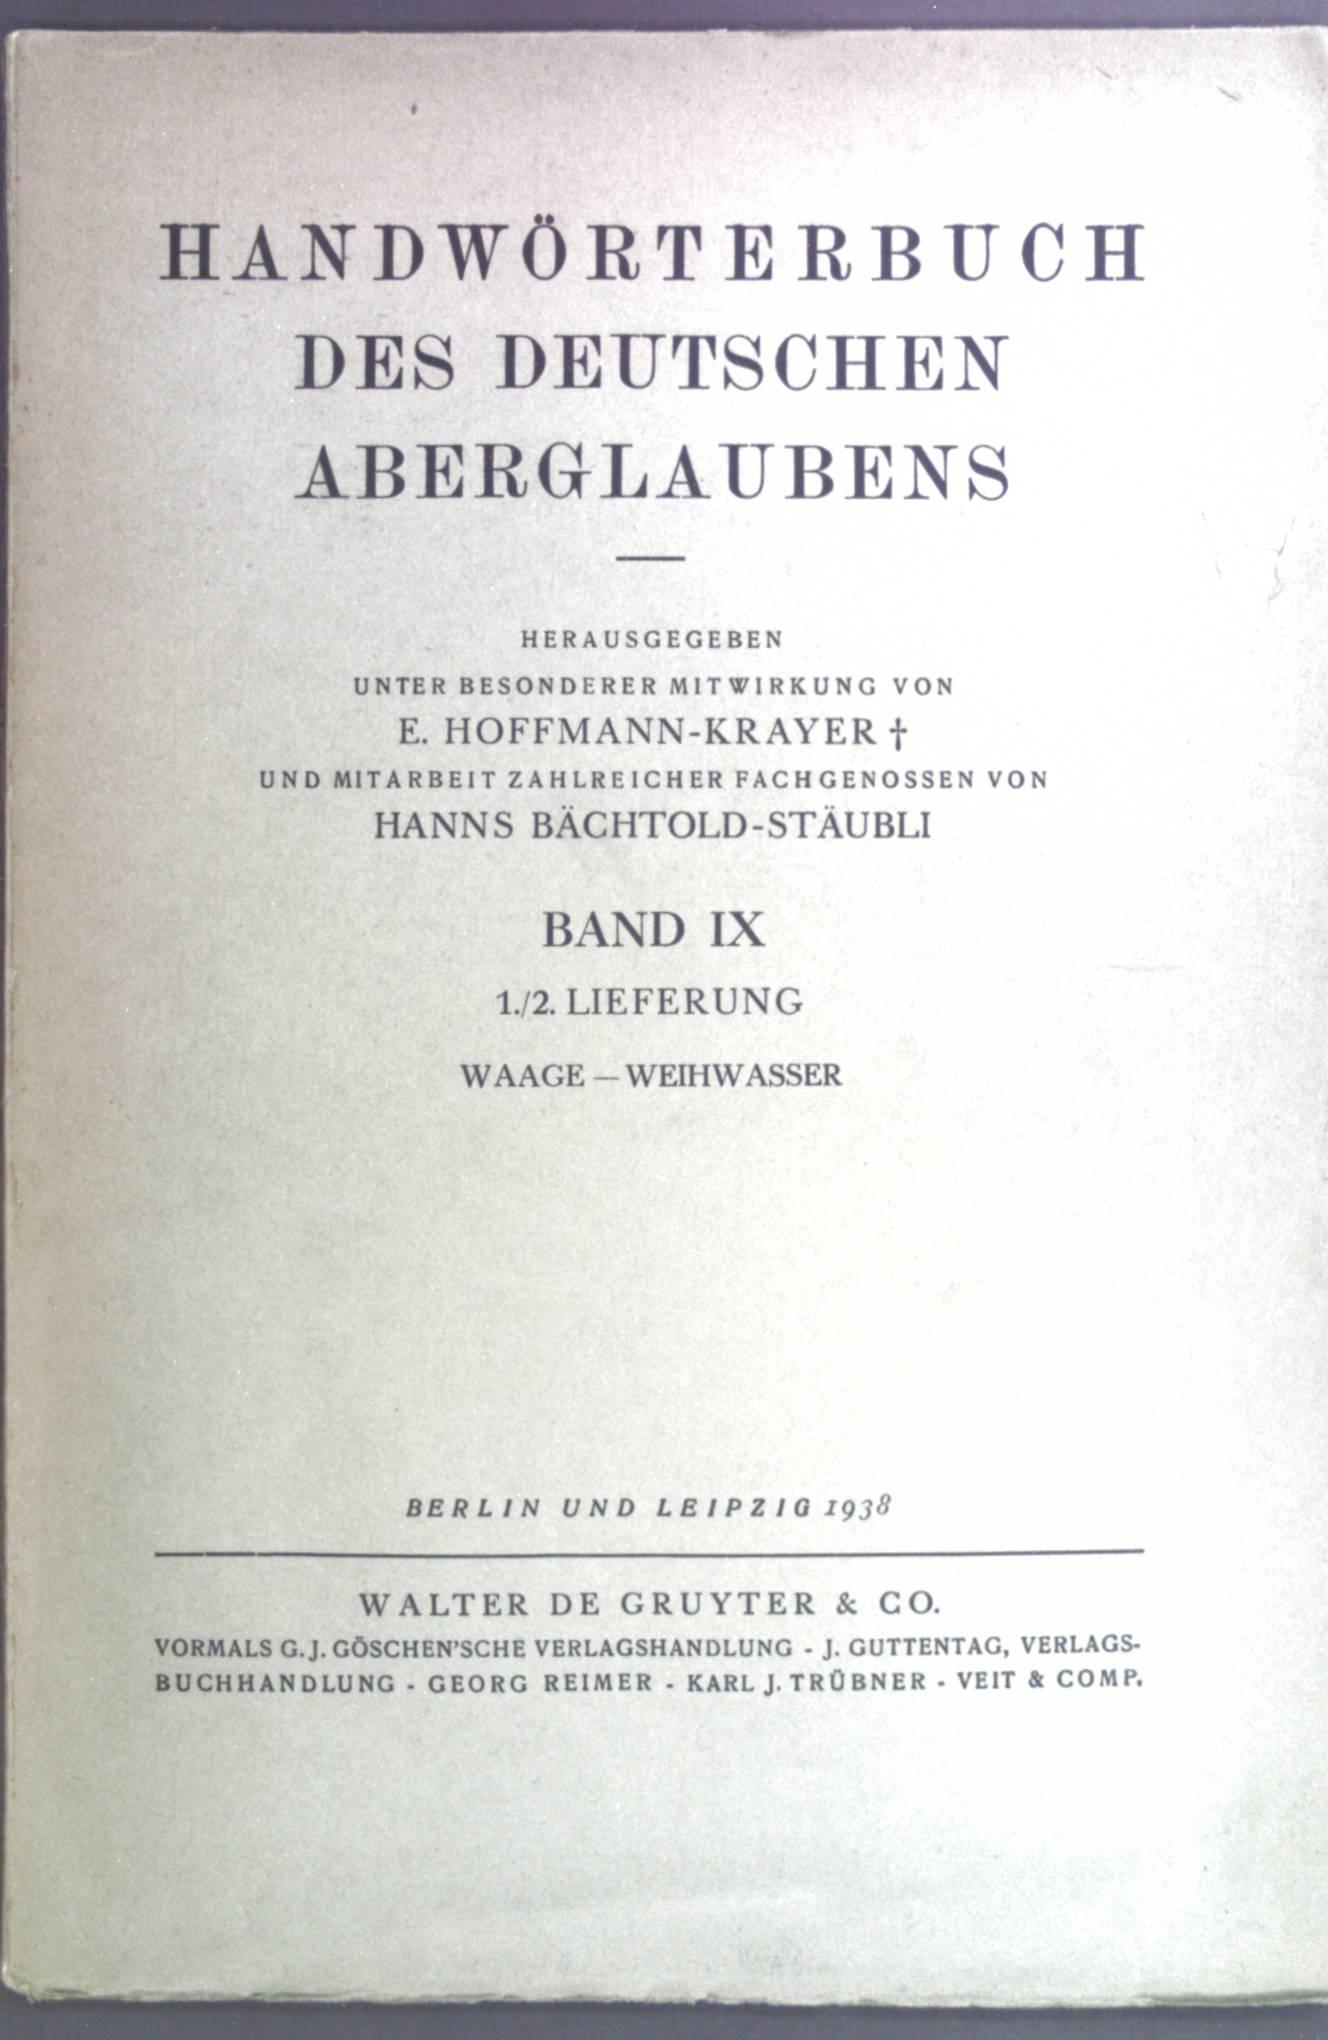 Handwörterbuch des deutschen Aberglaubens. Band IX, 1./2.: Hoffmann-Krayer, E. und